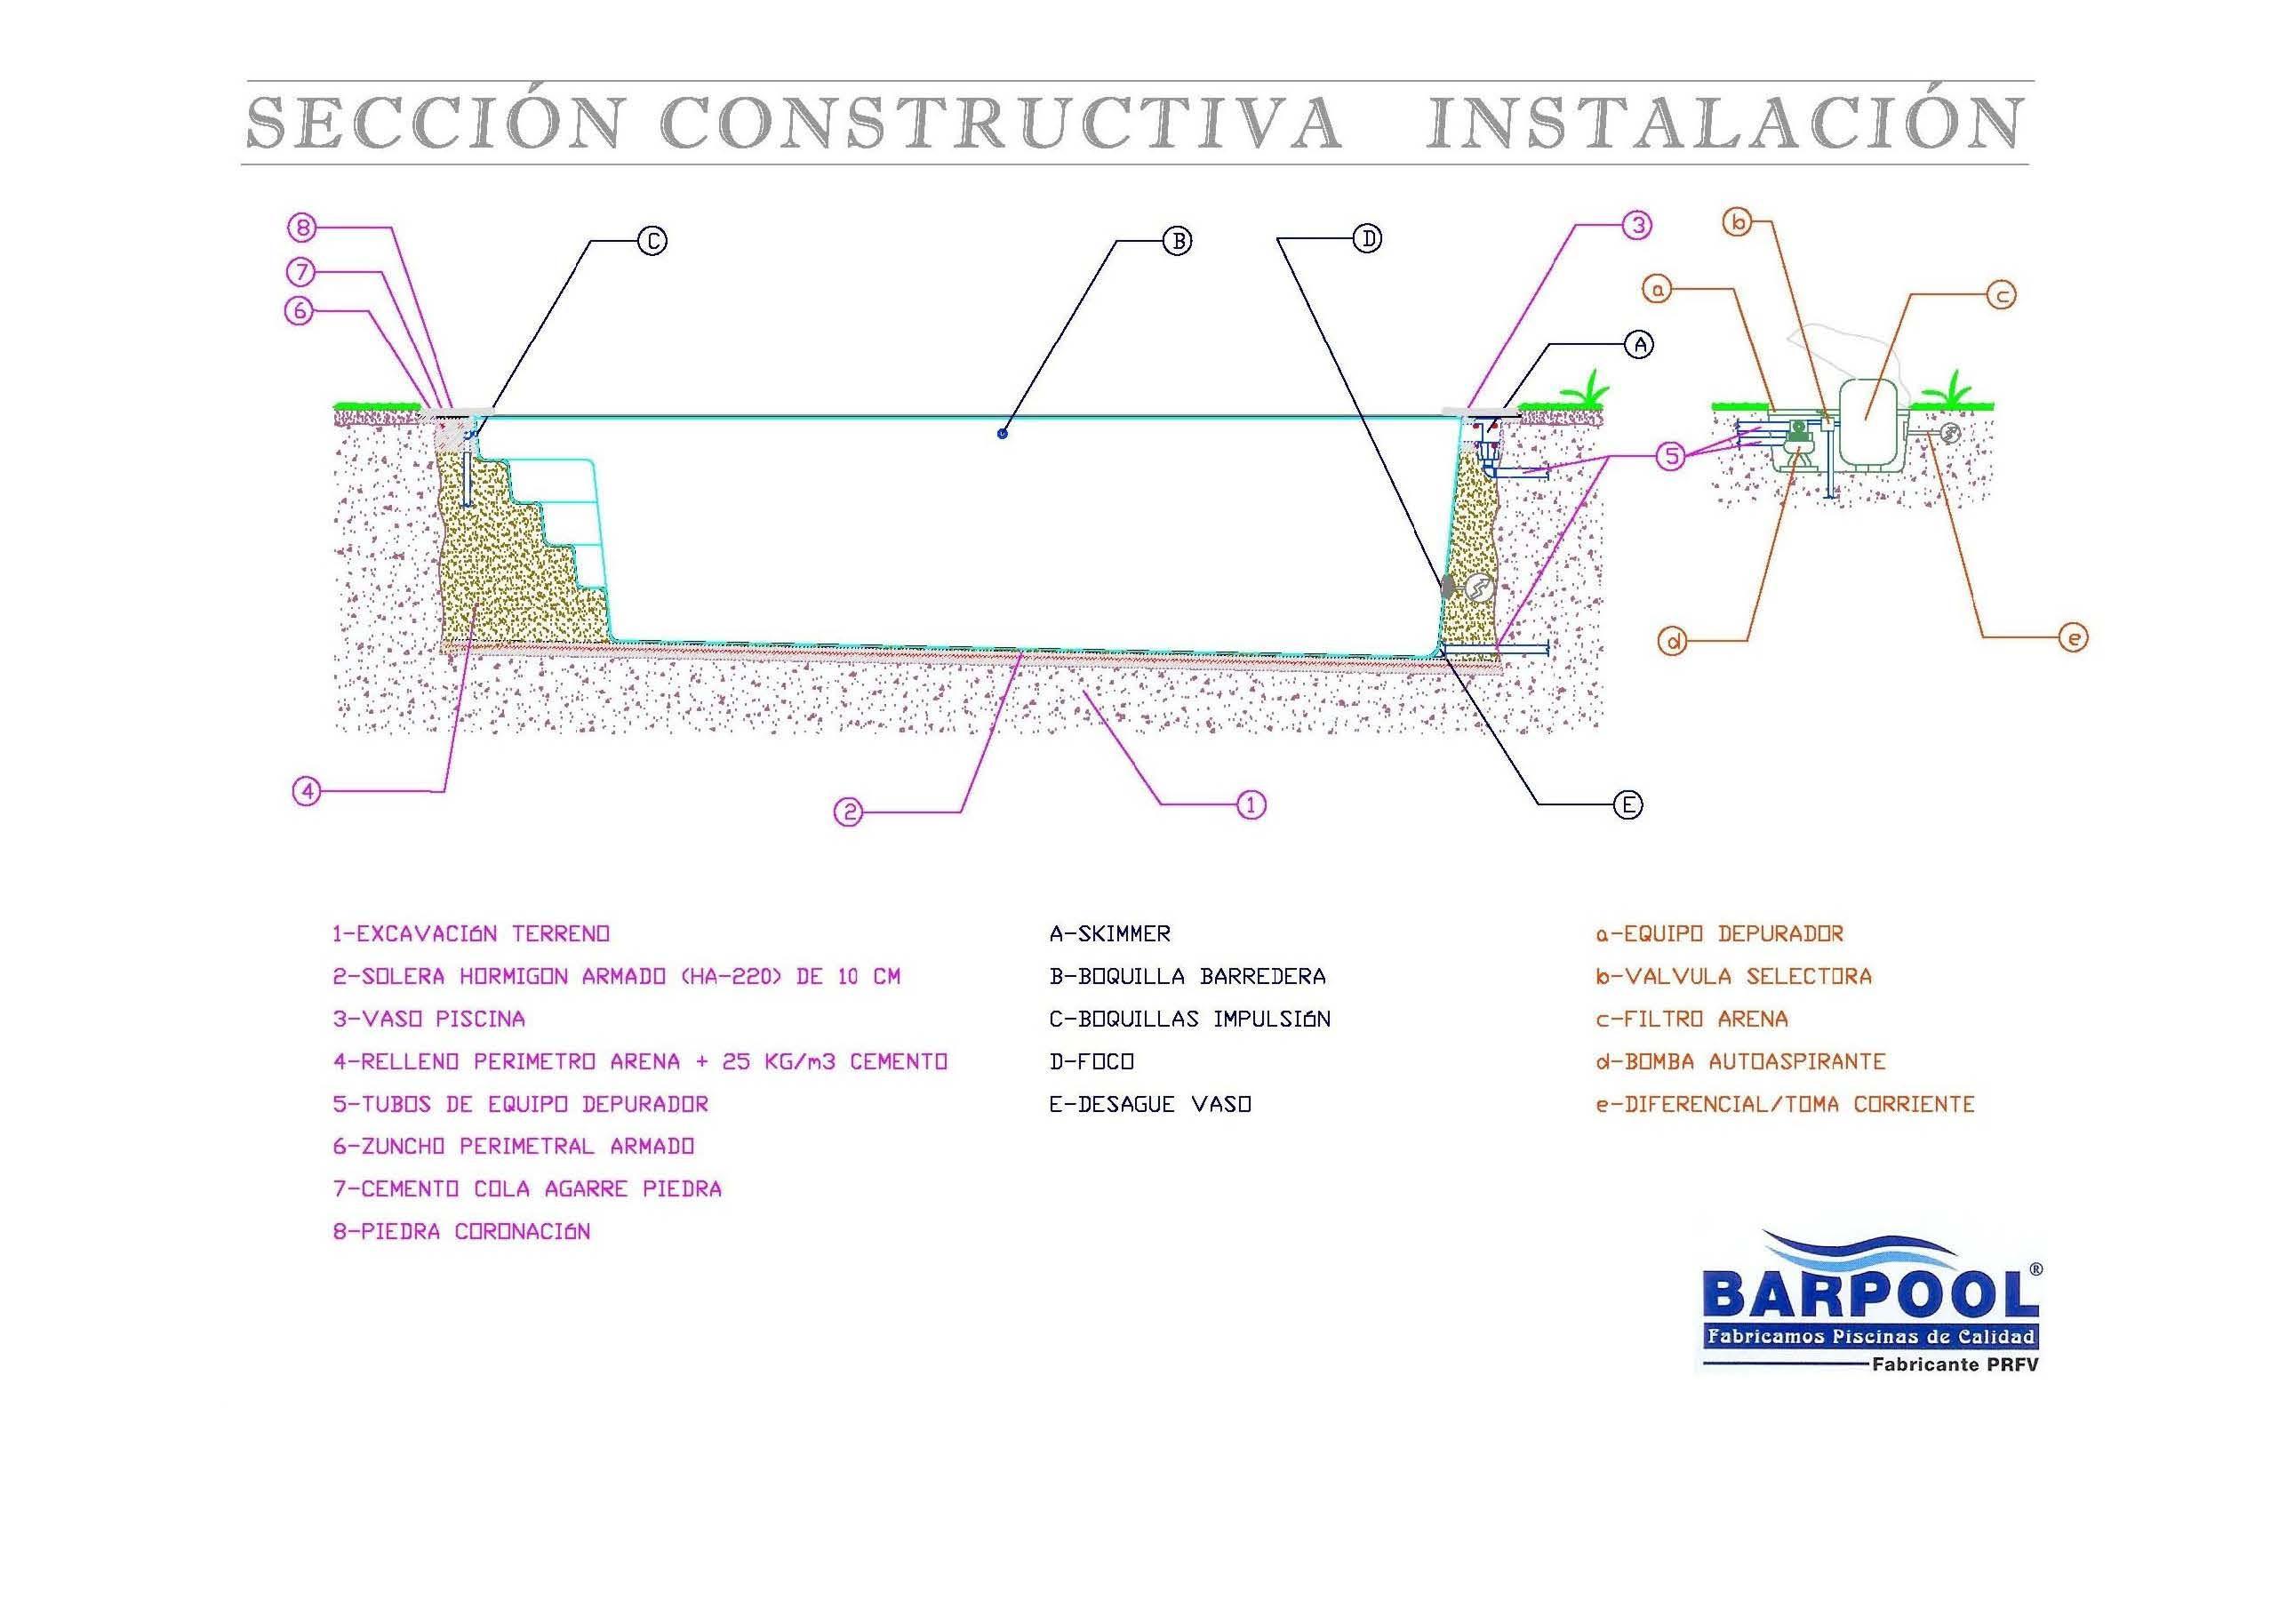 Seccion construtiva piscina